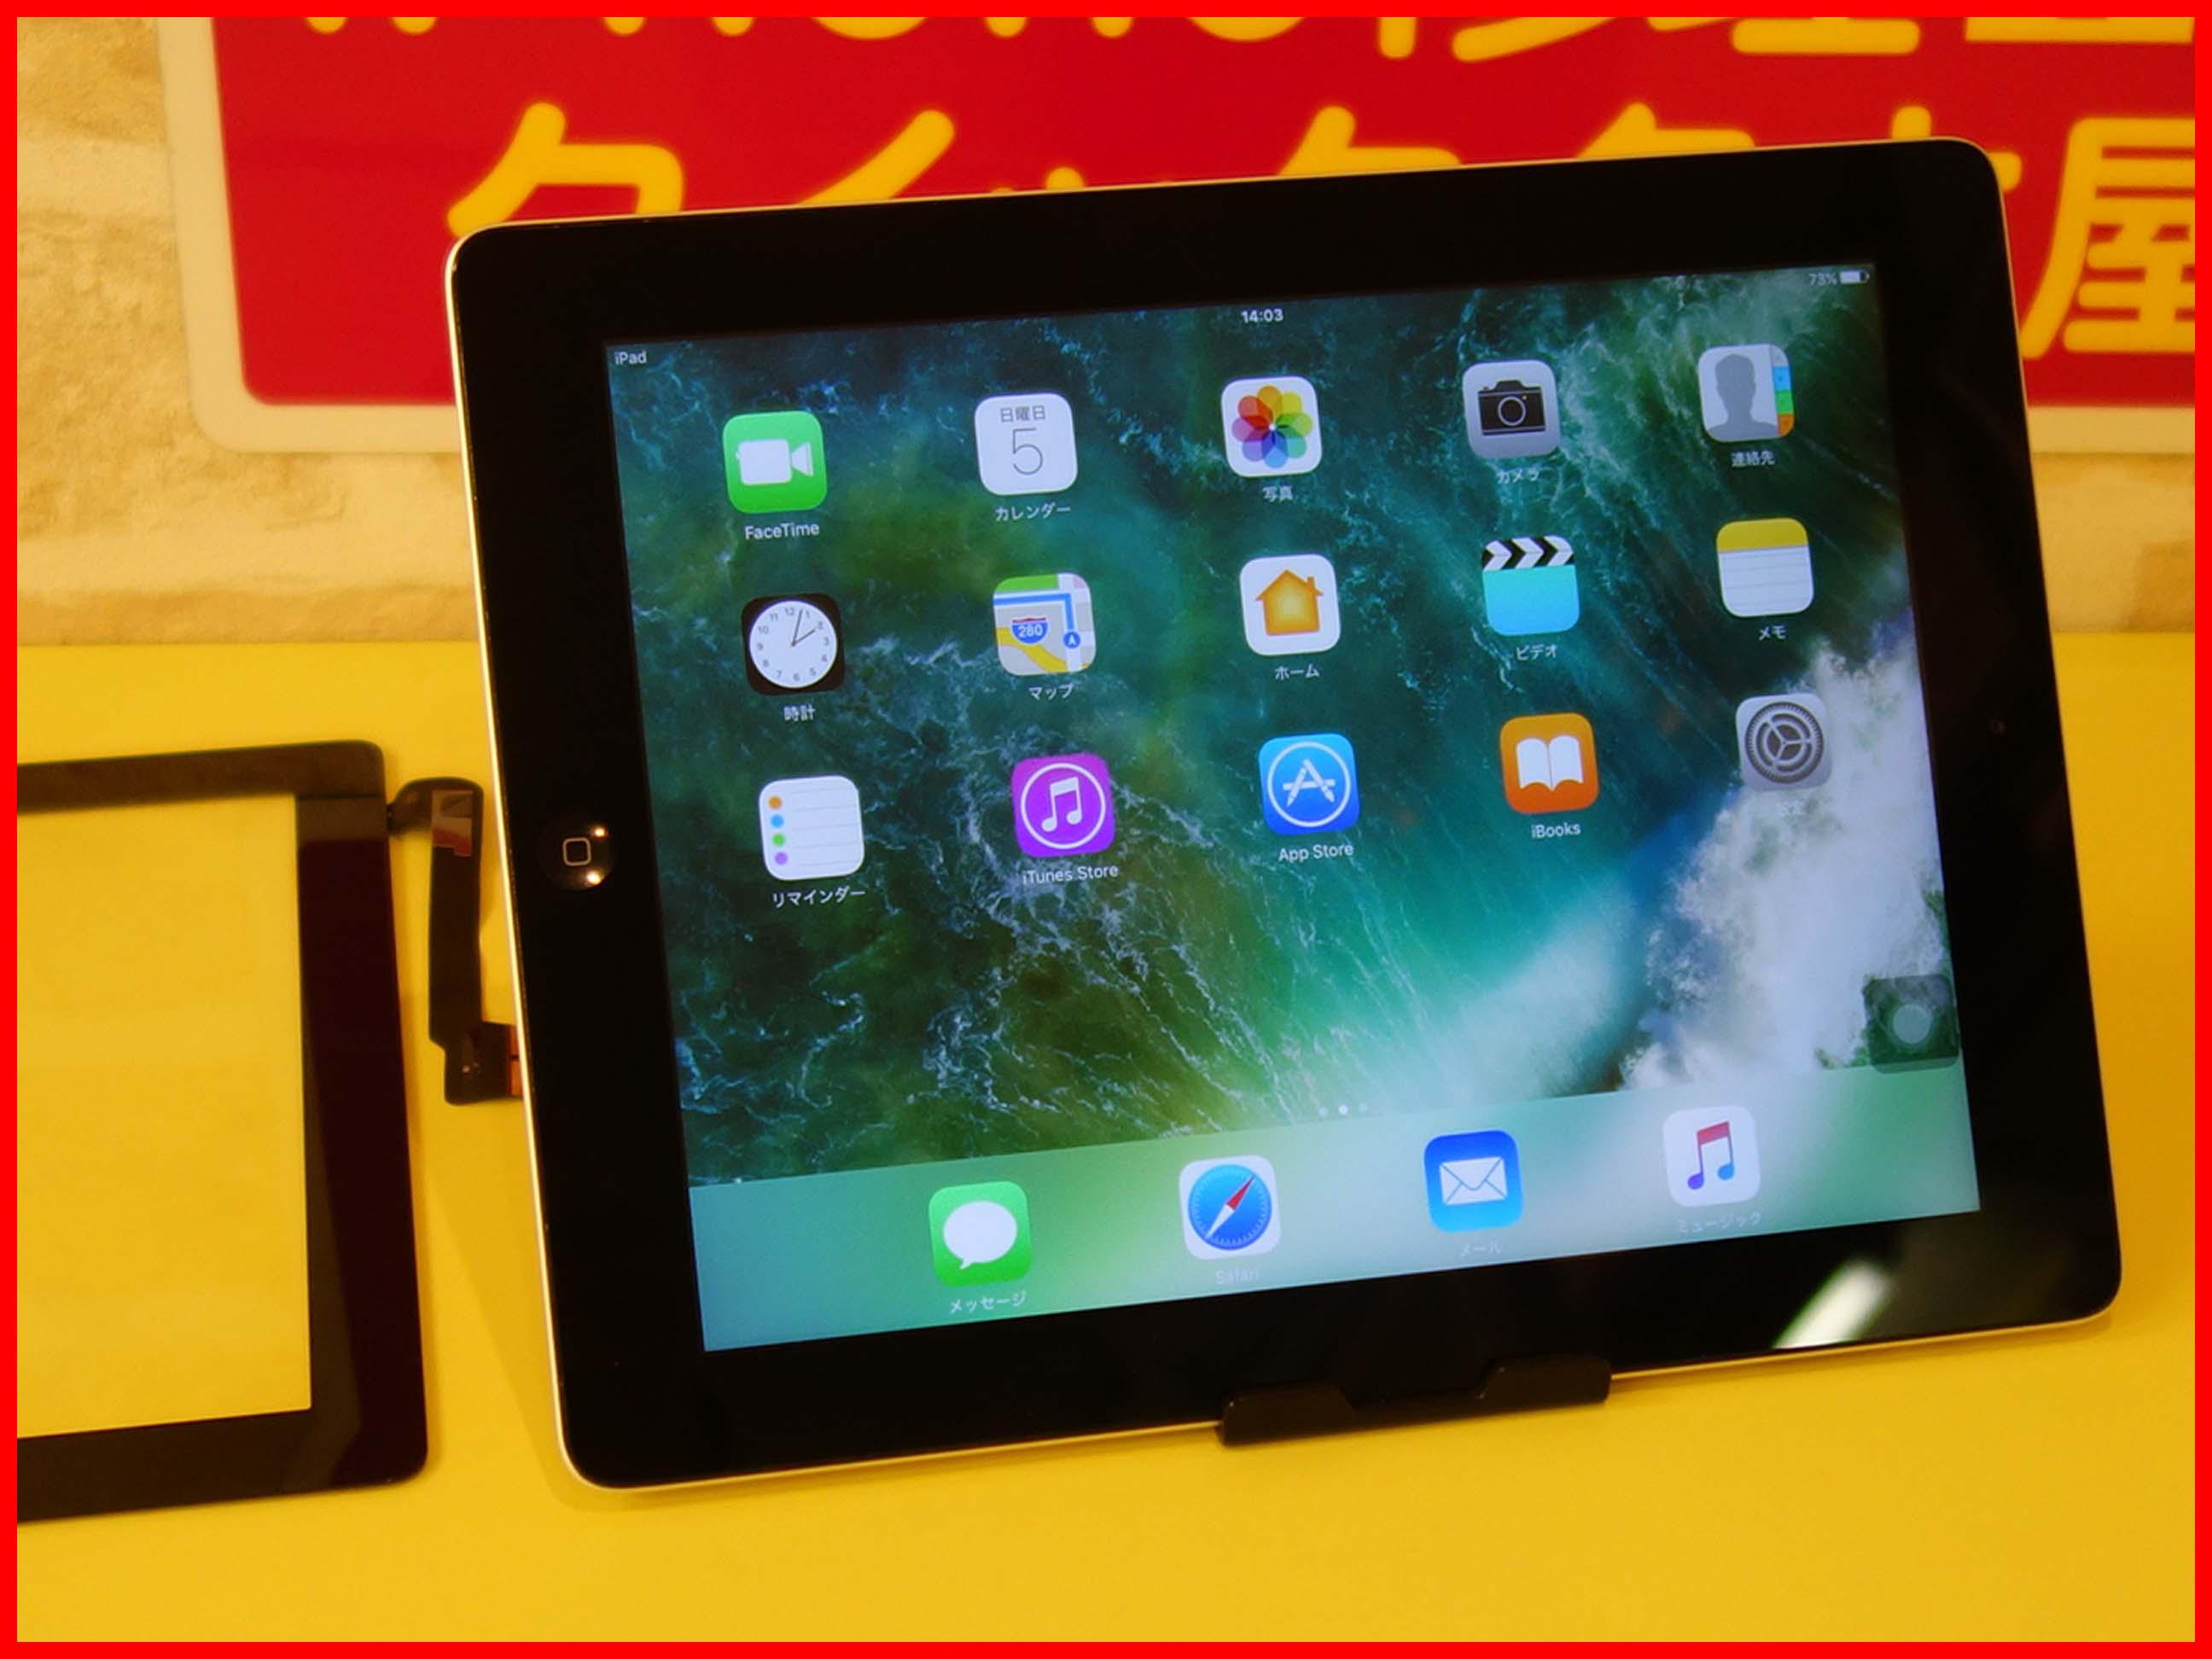 iPad4のガラス割れ交換修理に名古屋市内よりご来店!アイパッド修理もクイック名古屋